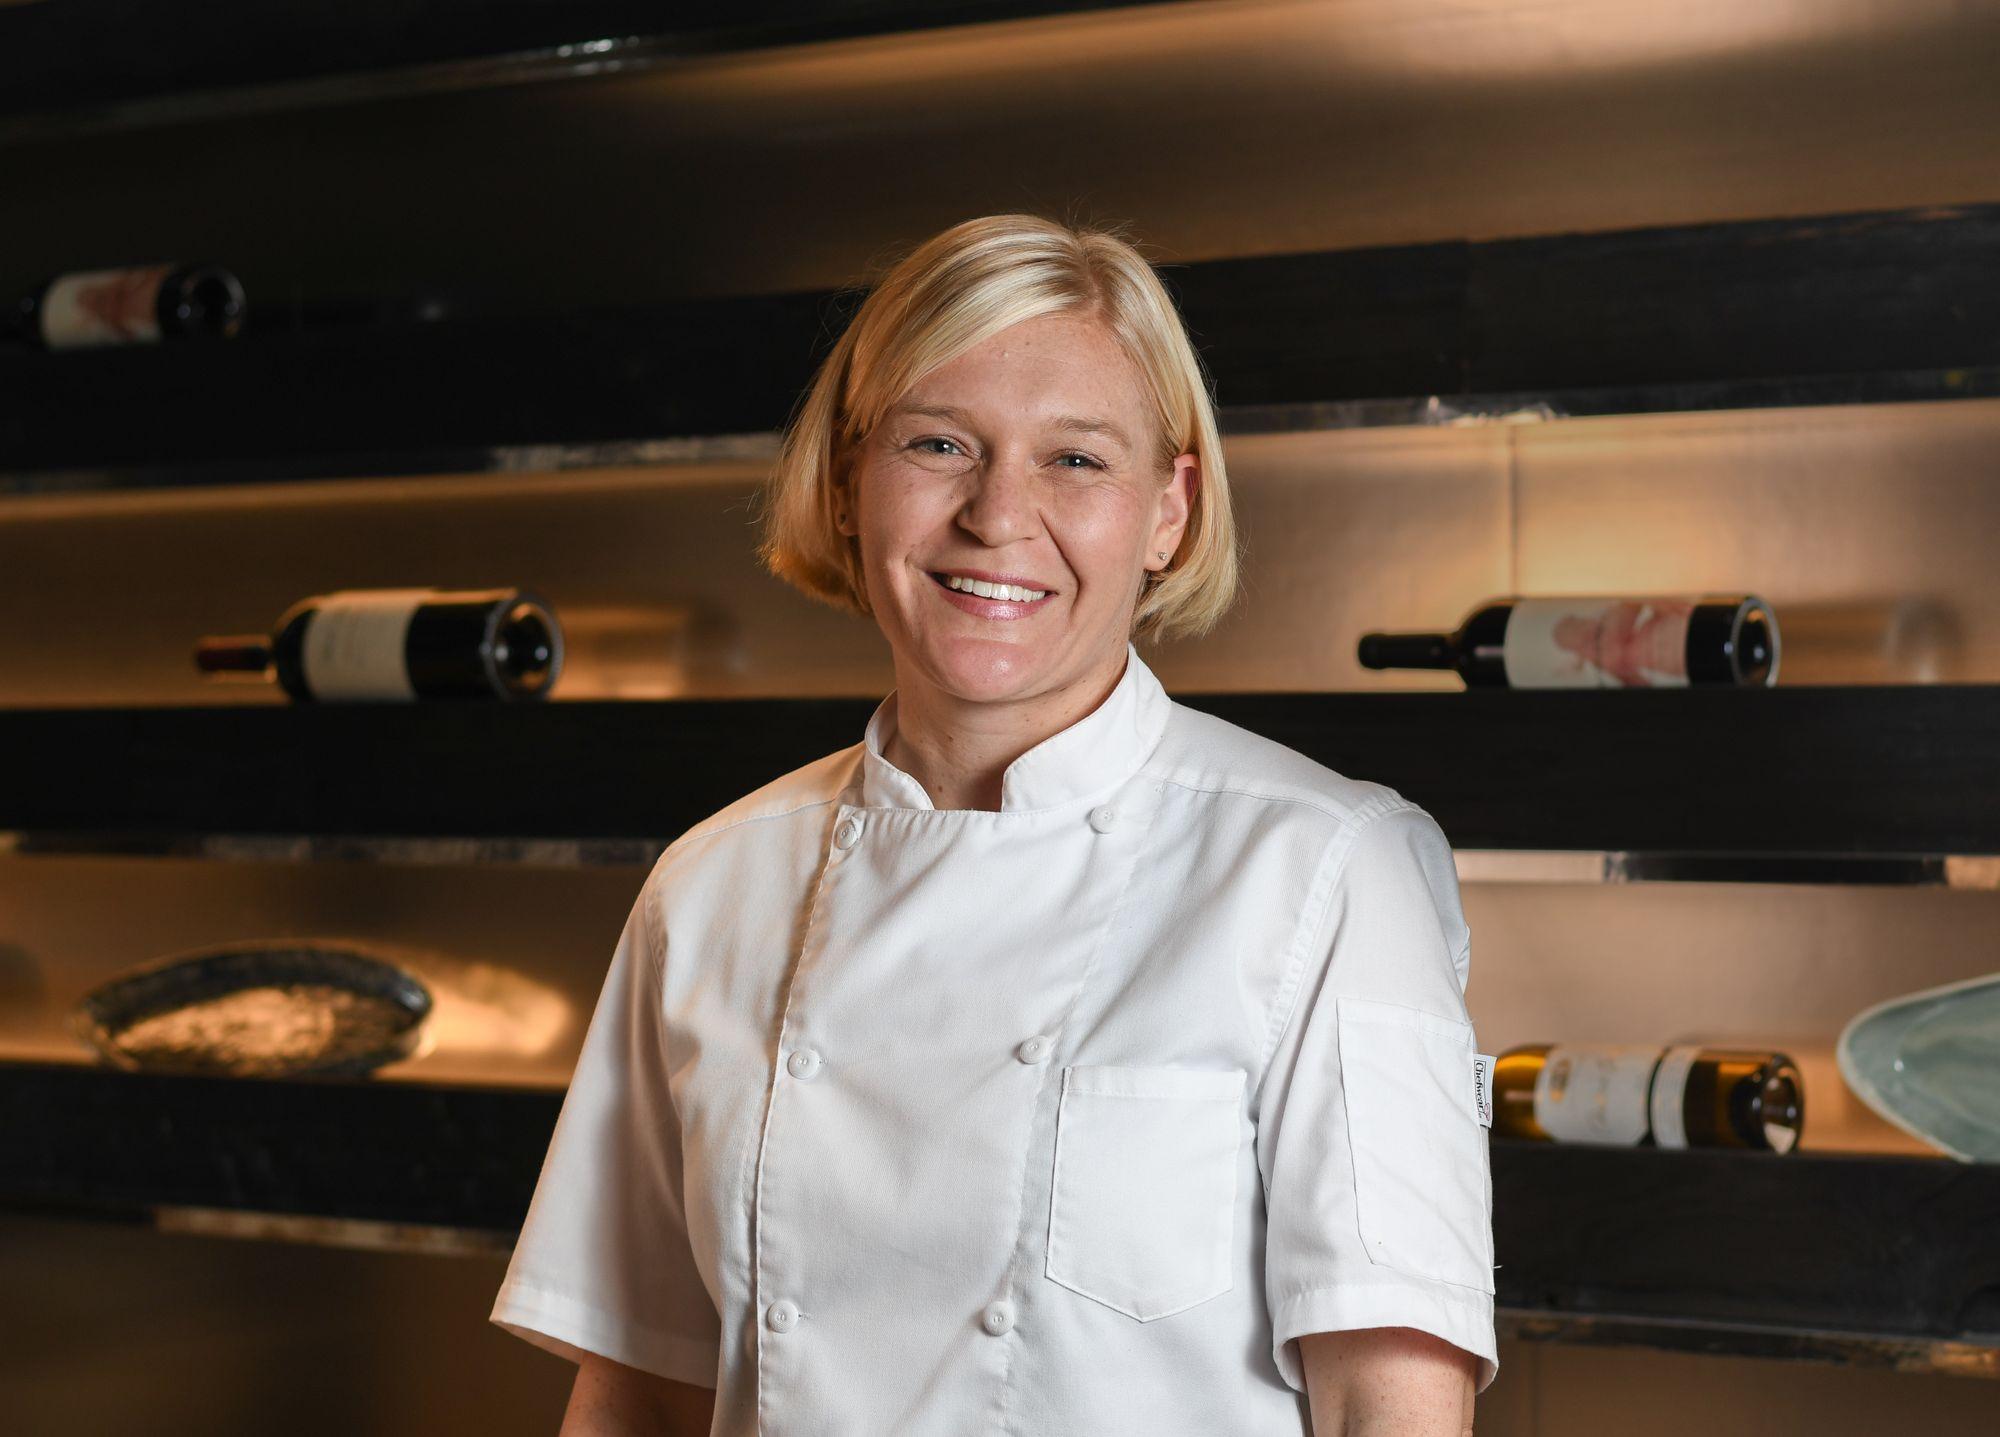 Picture of Chef Maggie Trujillo